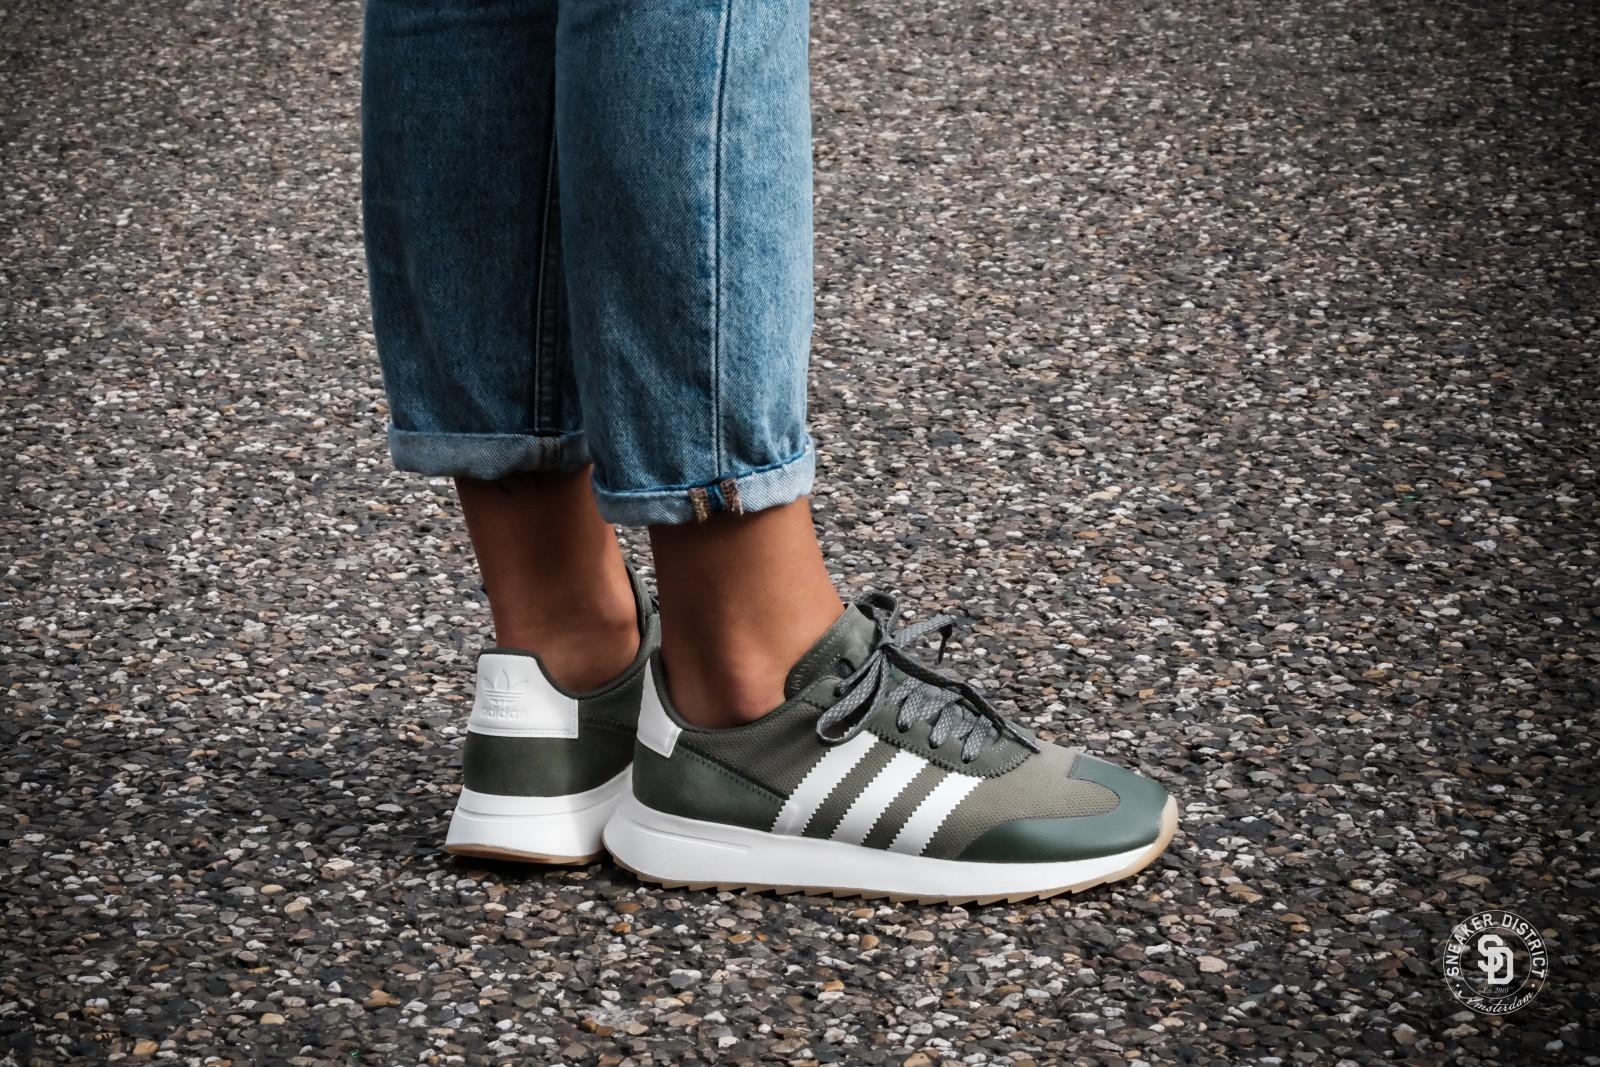 horizonte Posada Encarnar  Adidas Women's Flashback Runner St Major/Off-White - BY9303